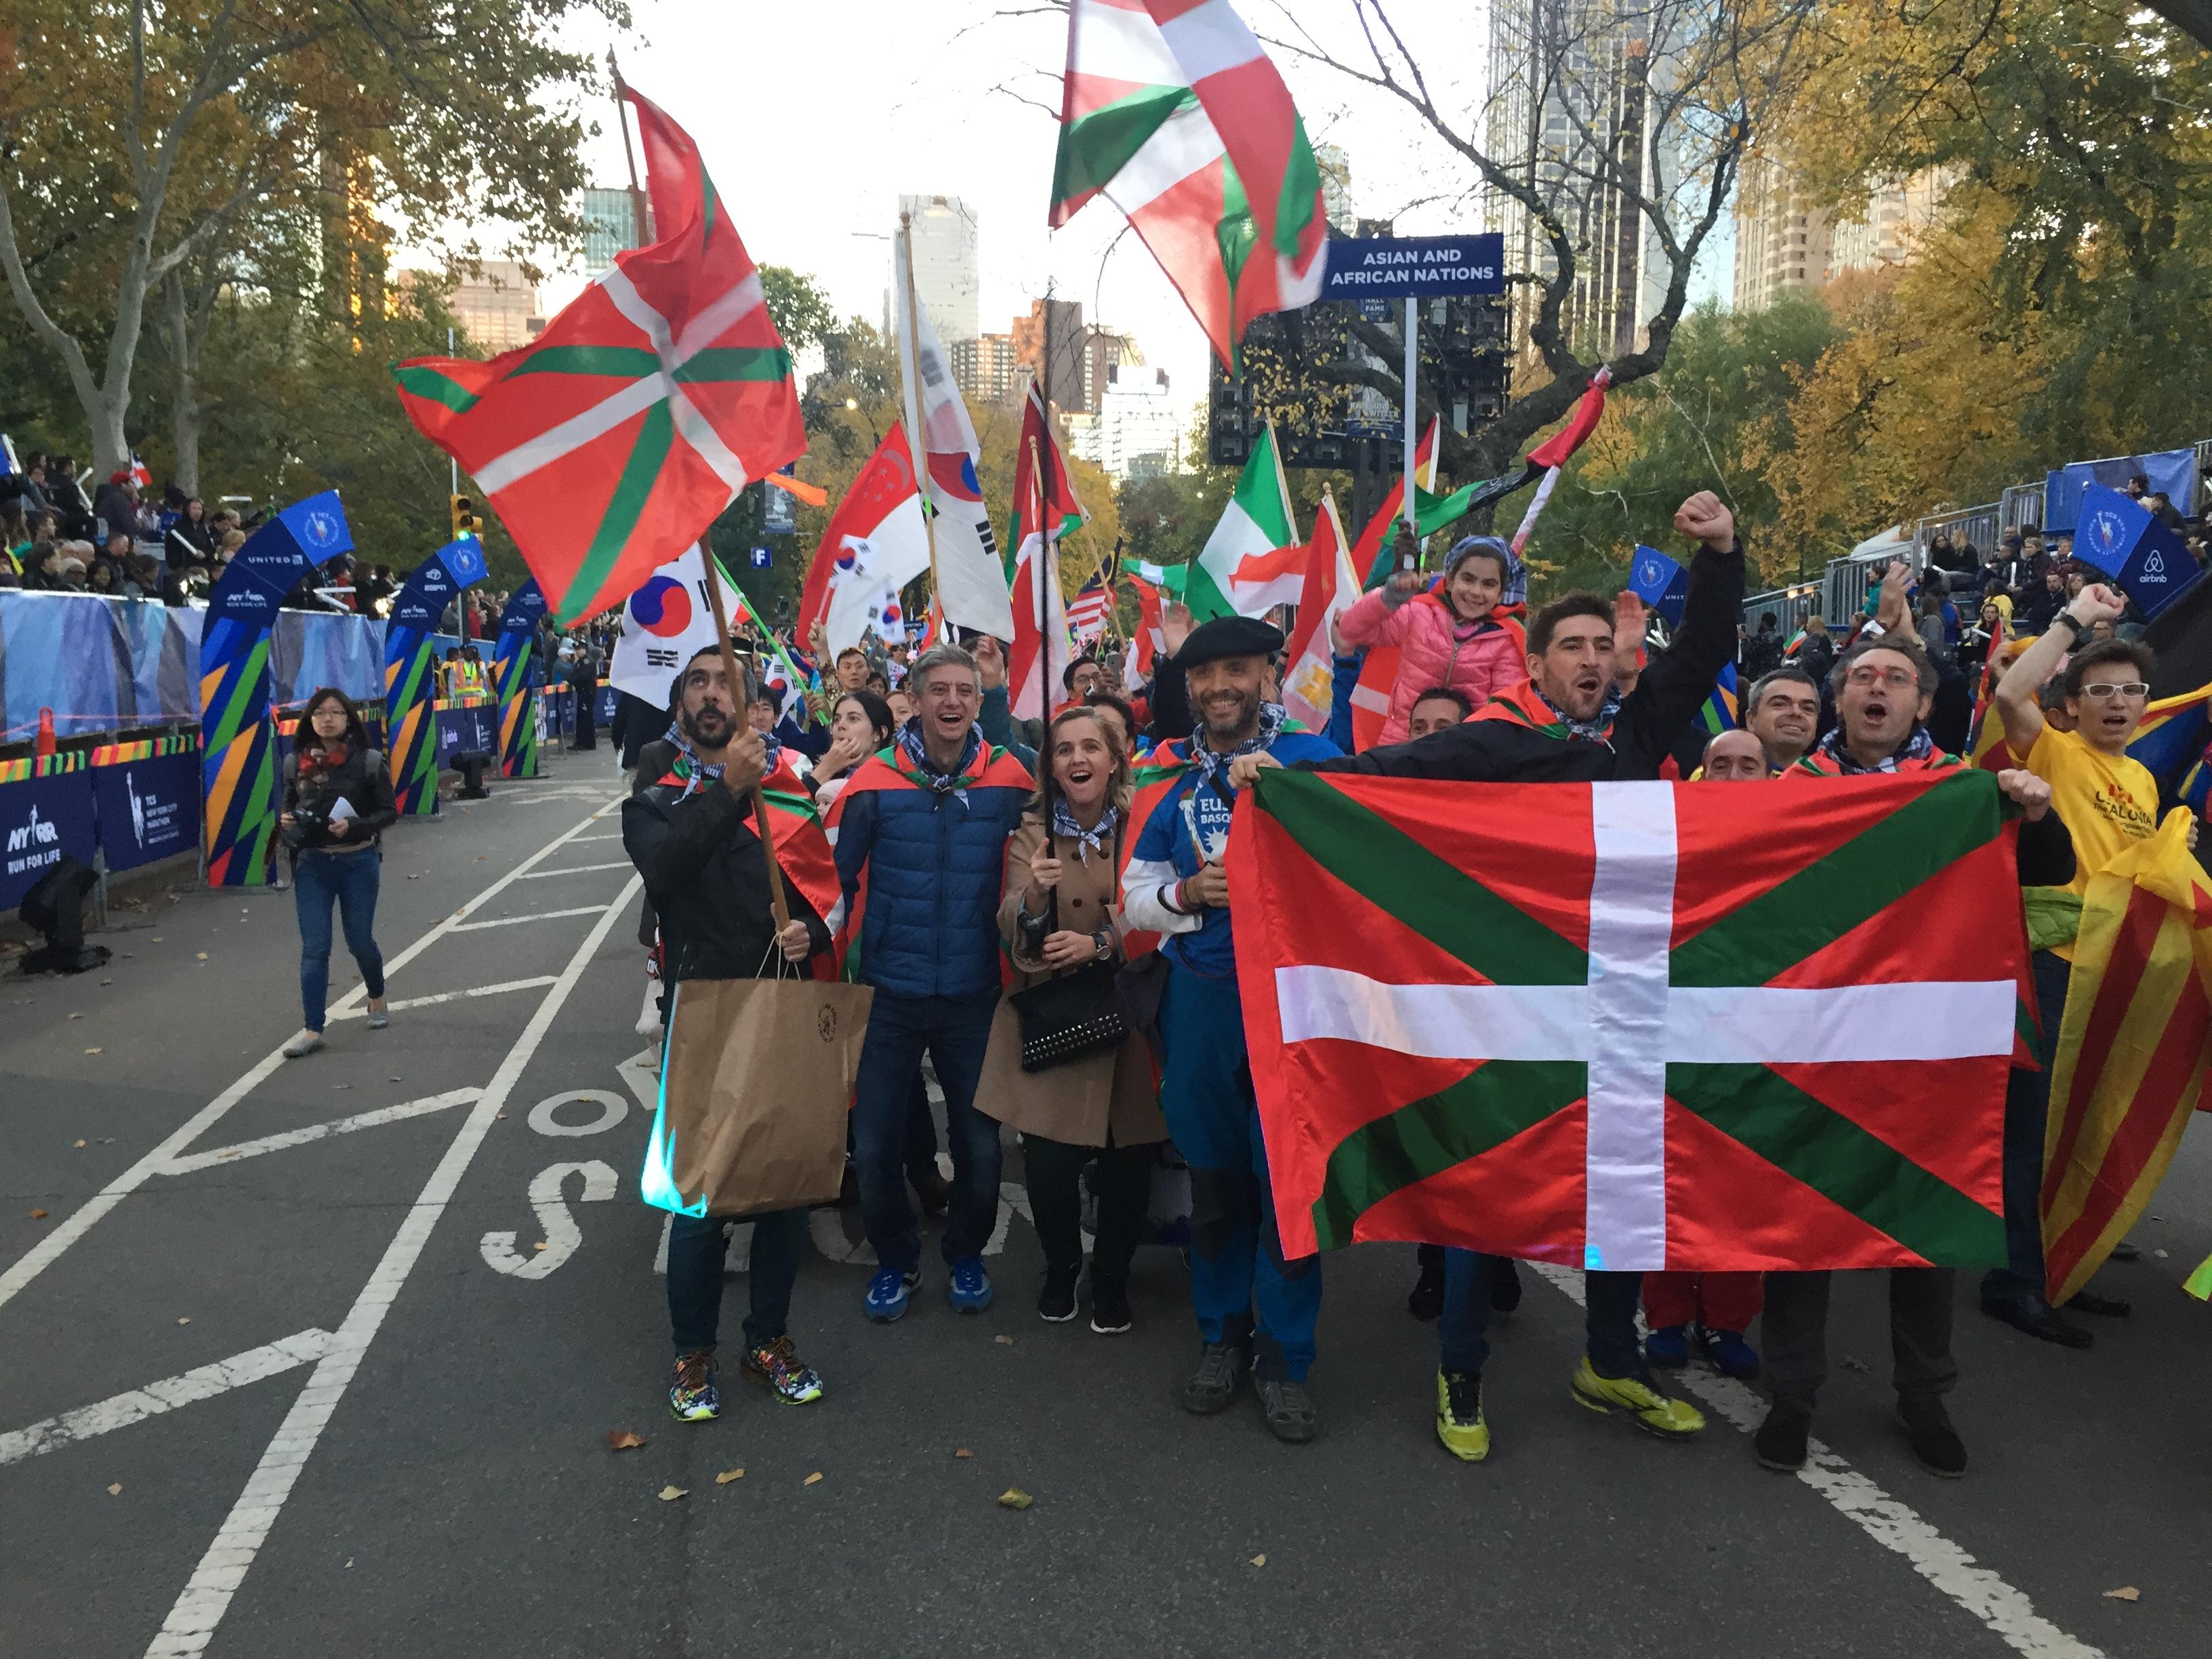 desfilea_06.jpg